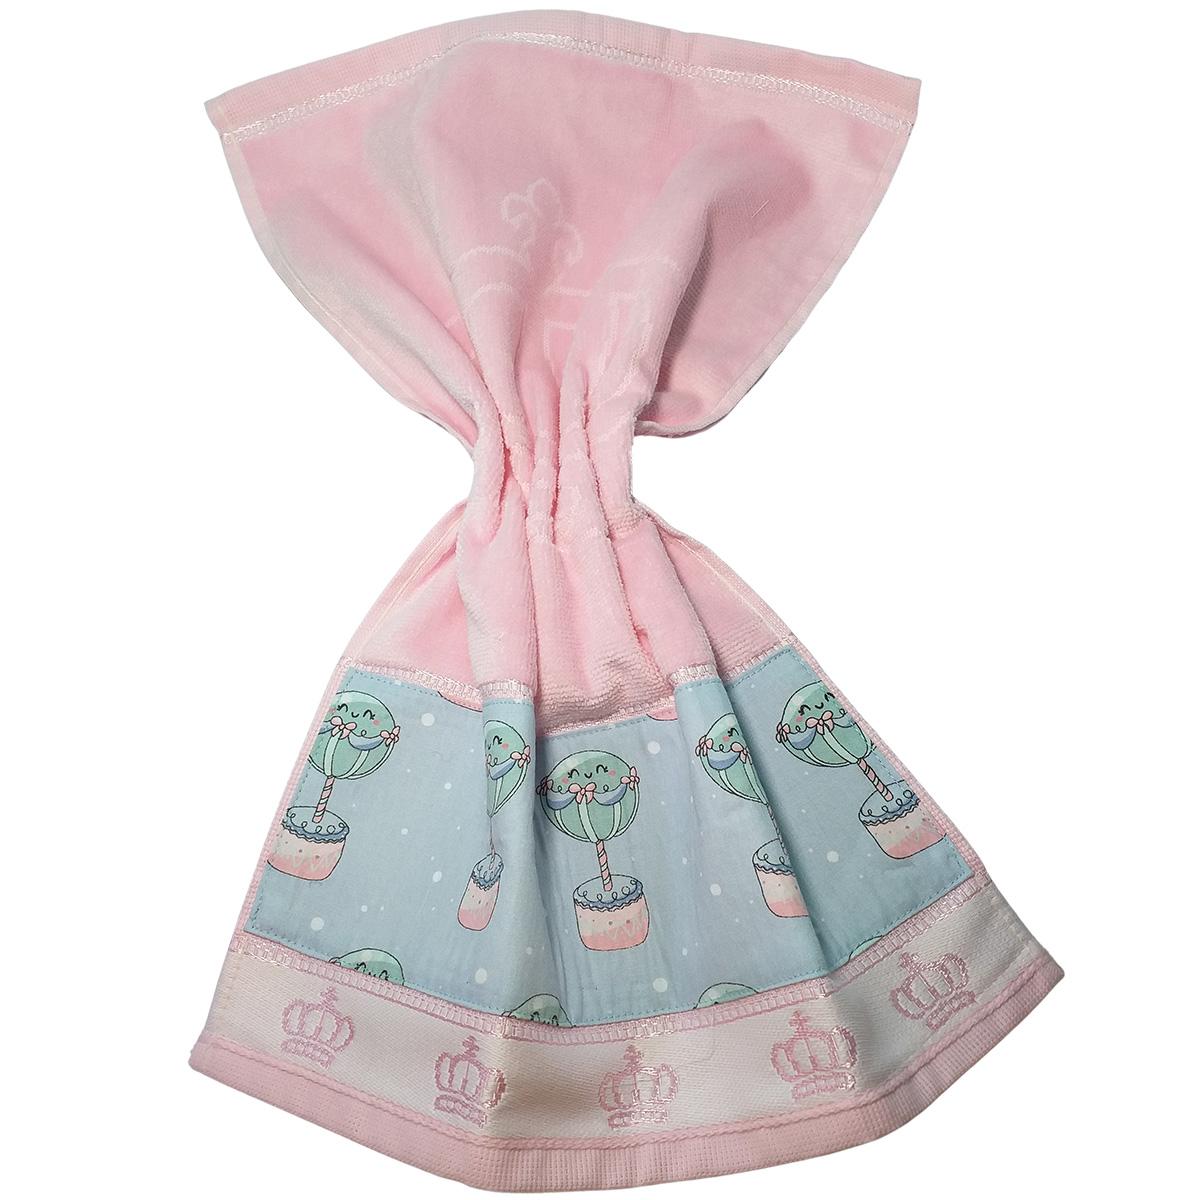 Kit Bebê 3 Peças Estampa Balões | Bolsa Térmica Cólicas, Toalha de Boca e Protetor de Porta